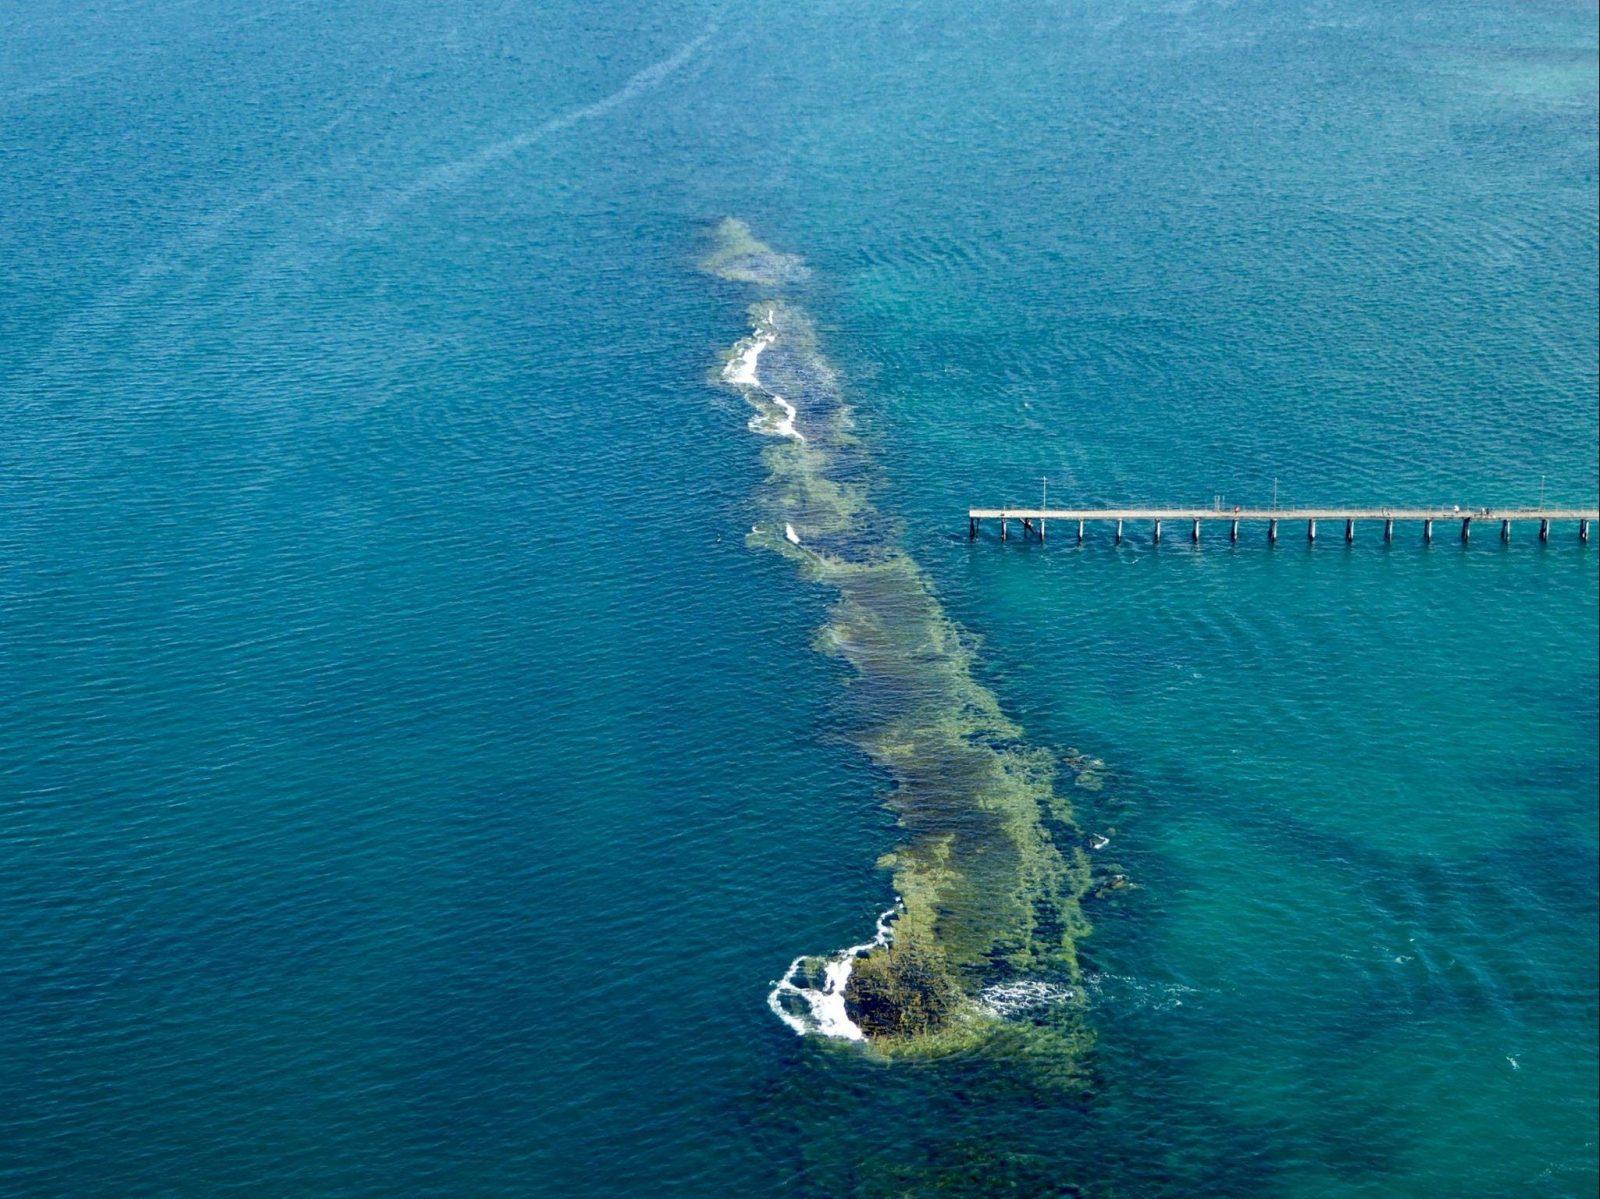 Port Noarlunga Reef Sanctuary Zone